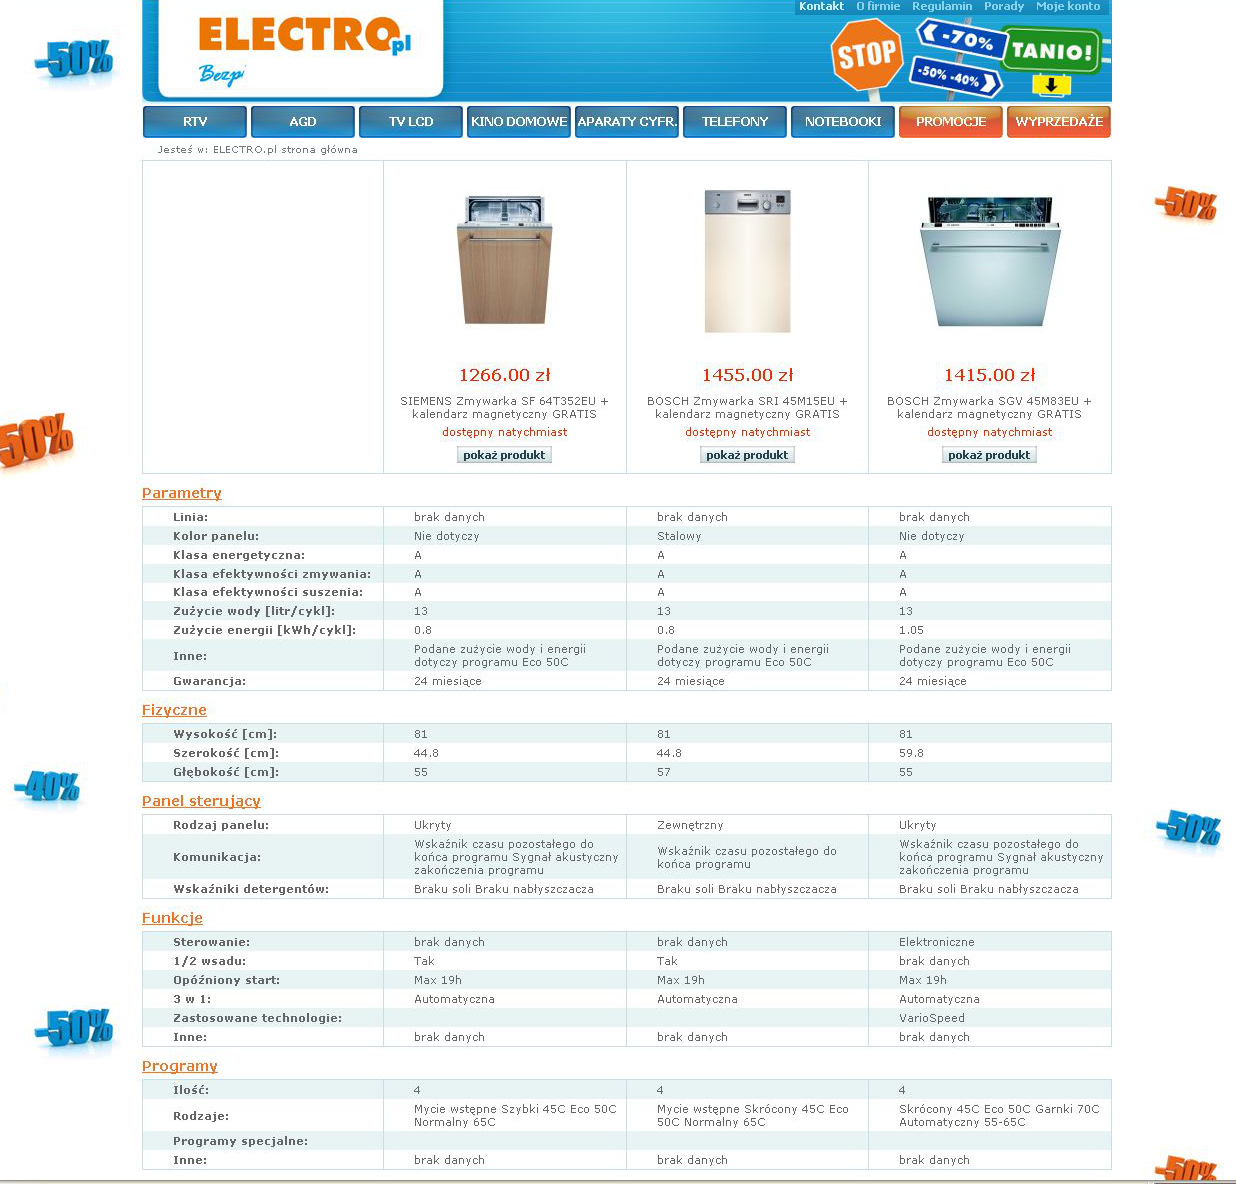 Electro.pl - Specyfikacja parametrów - Dokładna i spójna specyfikacja parametrów umożliwi porównywanie różnych modeli